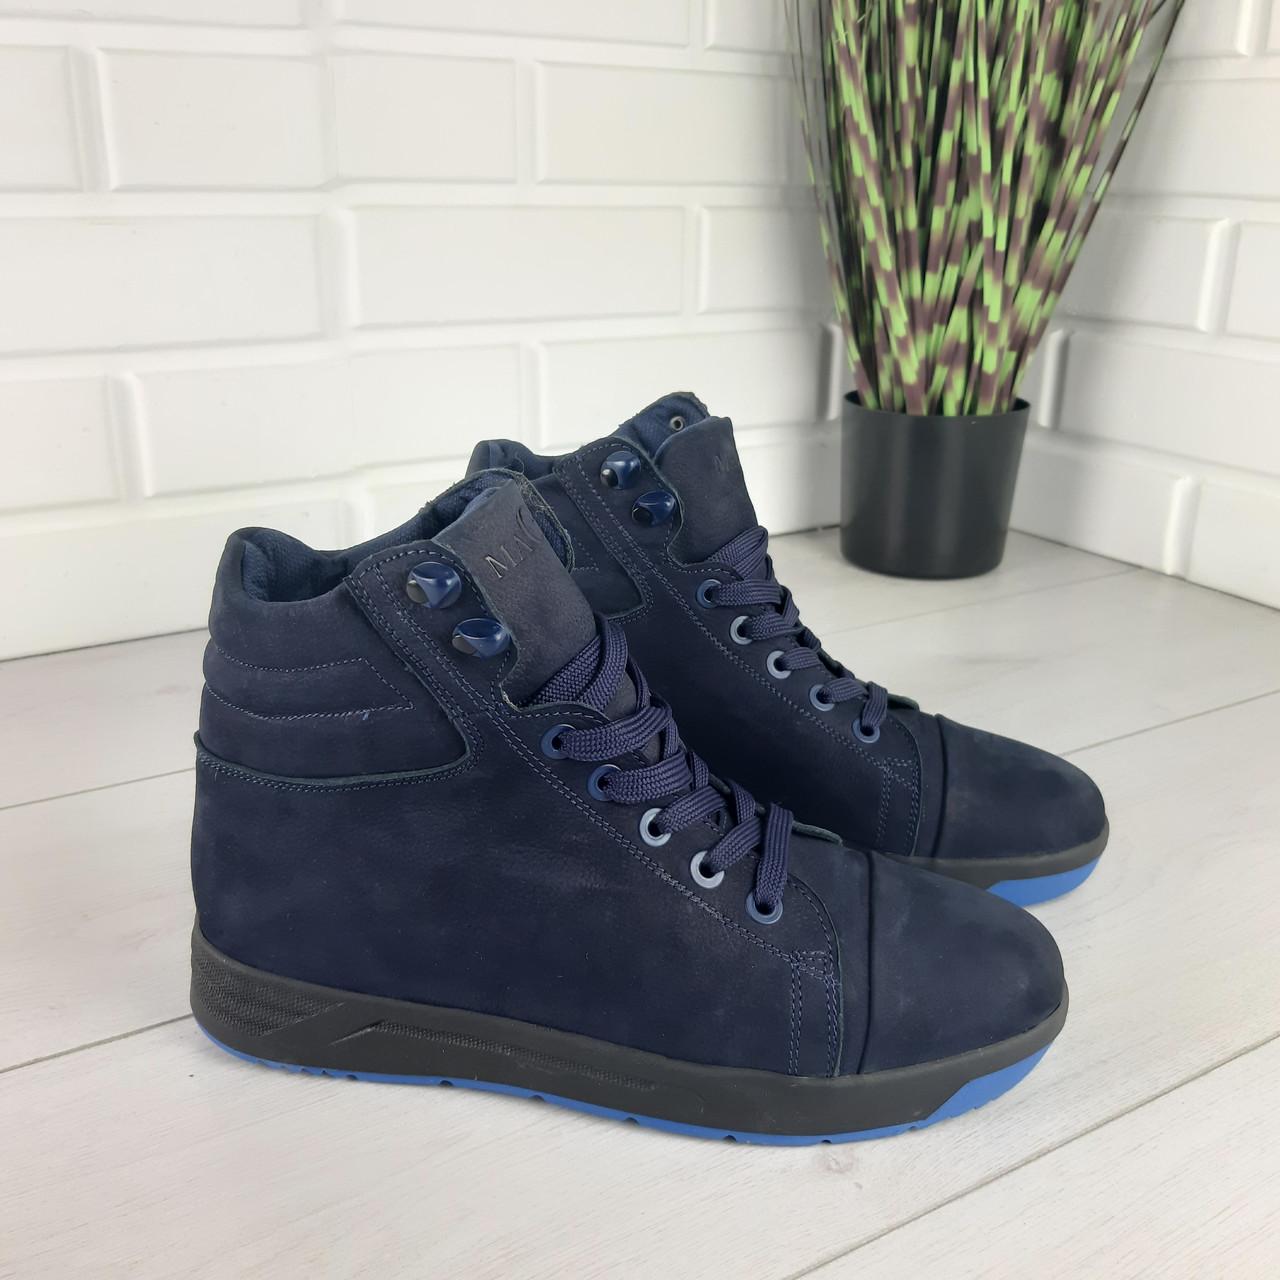 Мужские ботинки зимние из натуральной замши, внутри натуральная шерсть. Чоловіче взуття